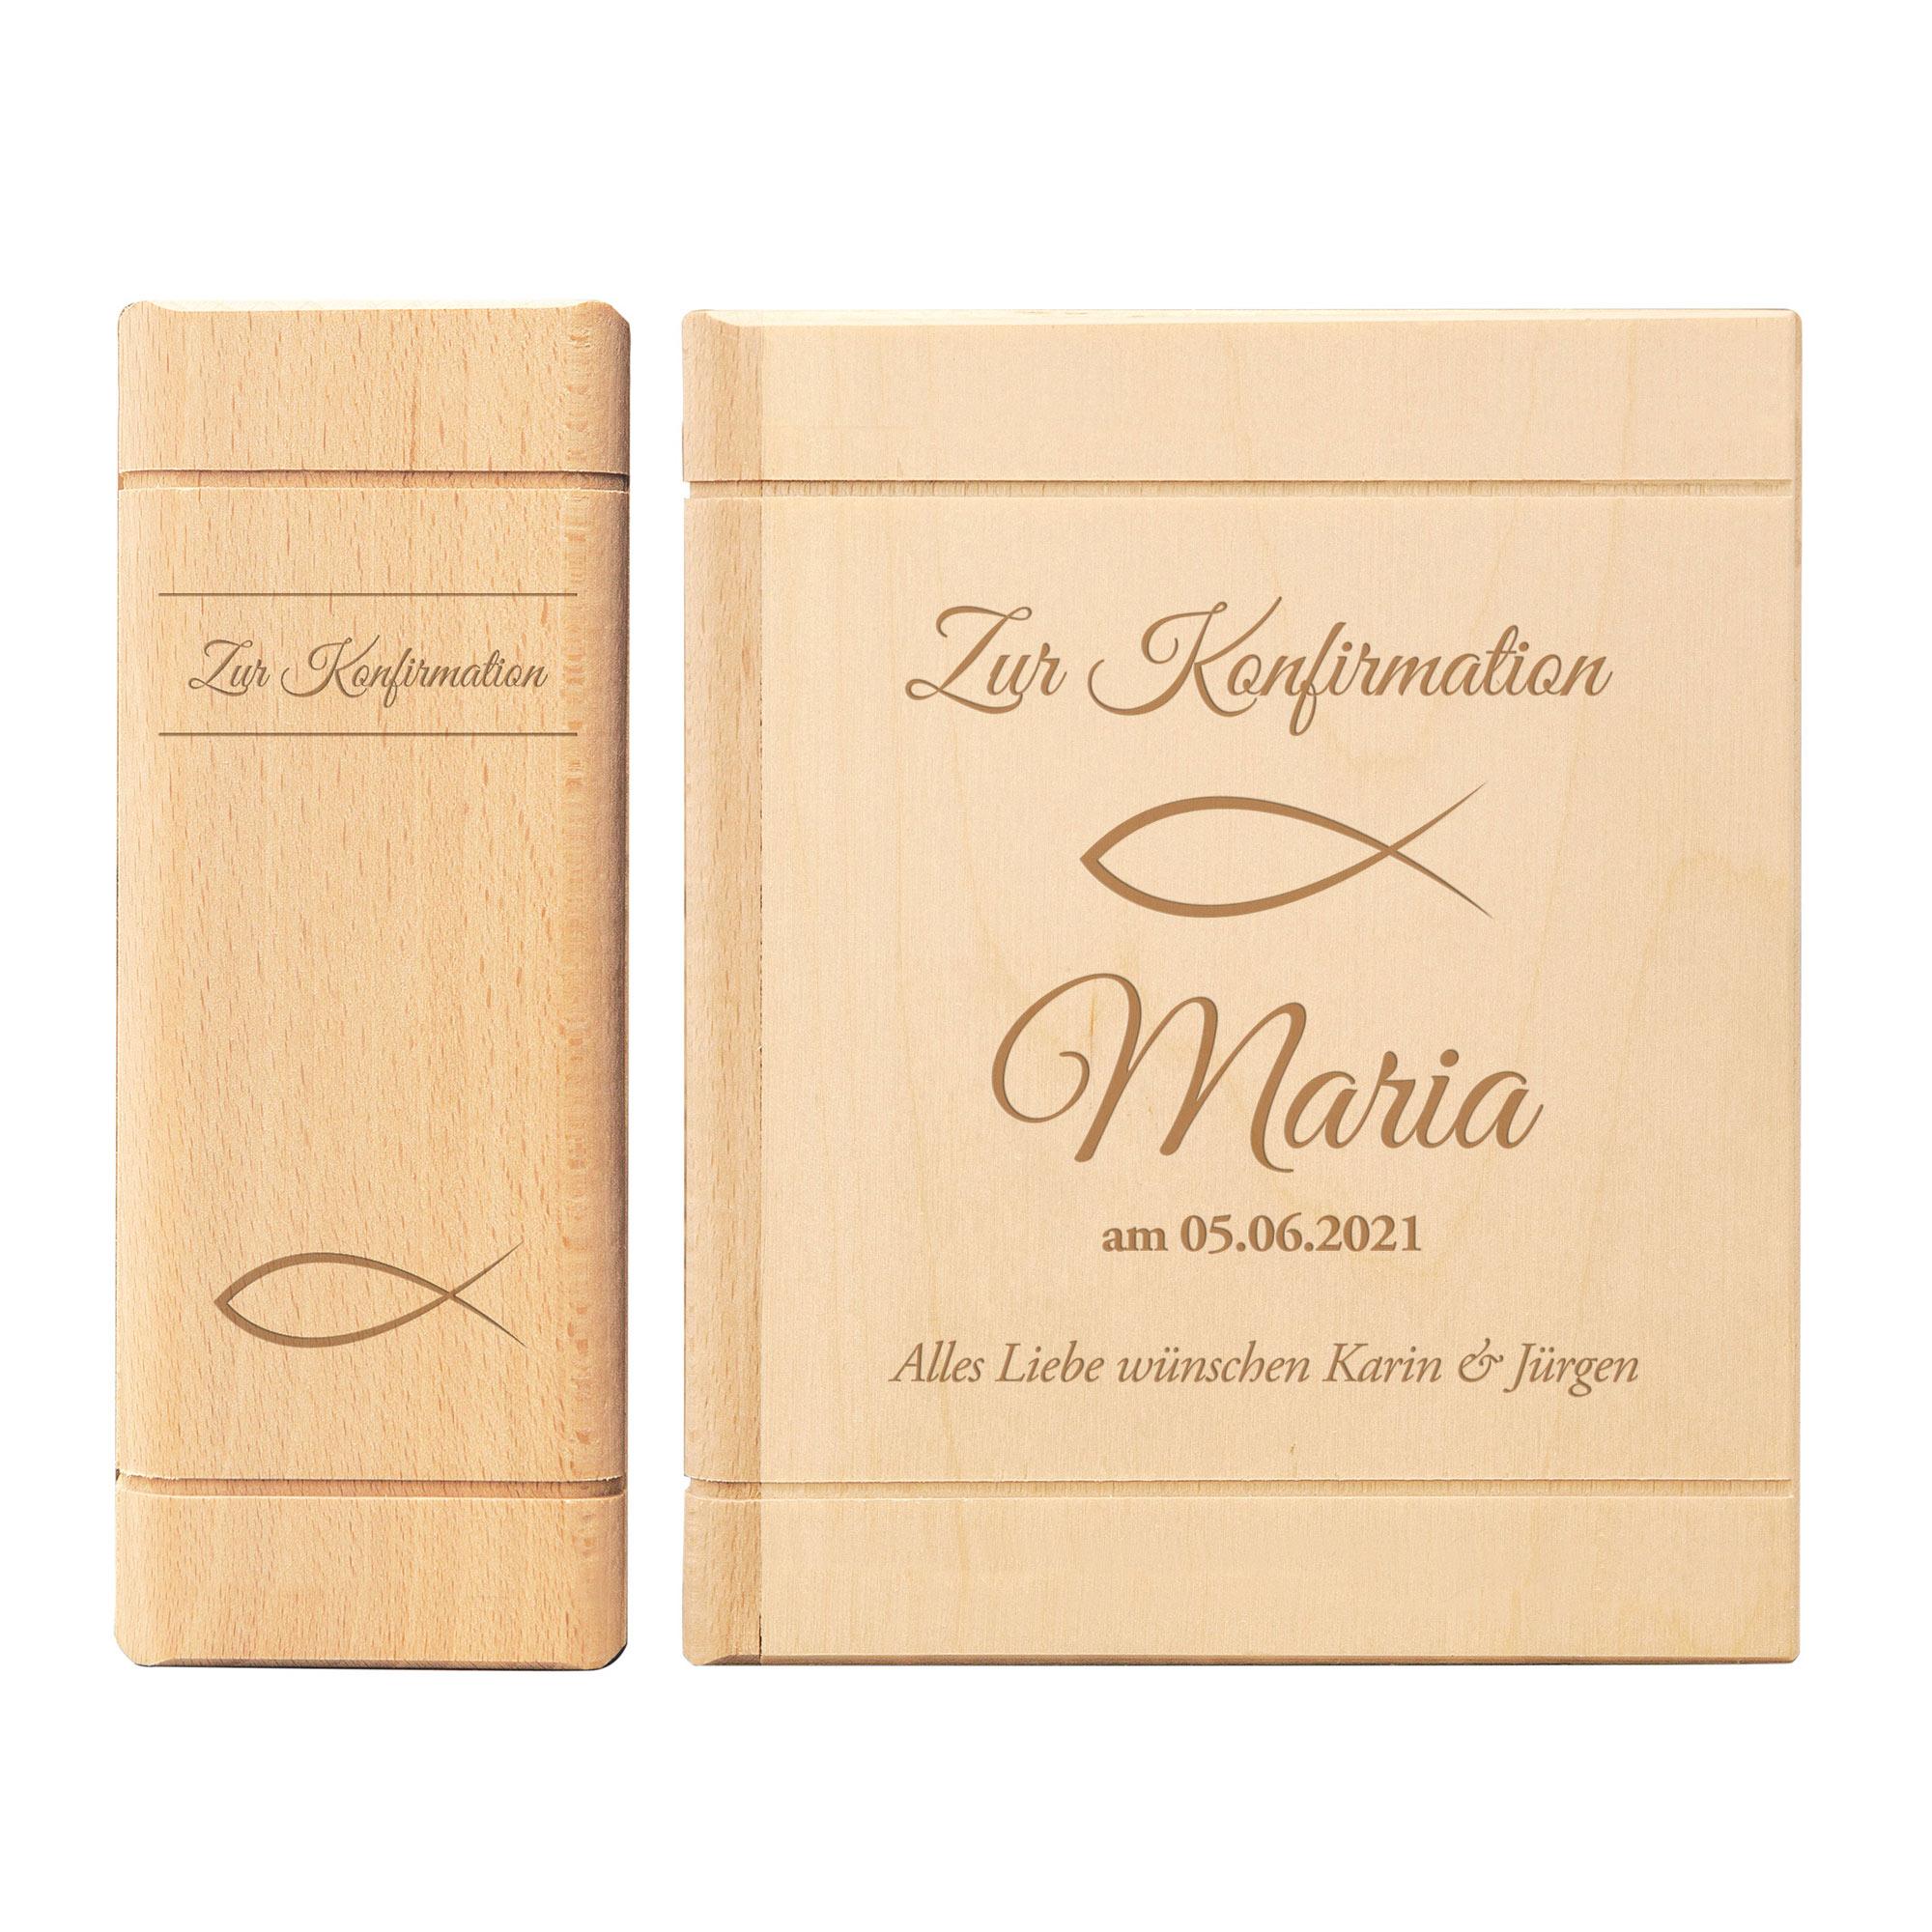 Spardose Buch aus Holz mit Gravur zur Konfirmation - Personalisiert